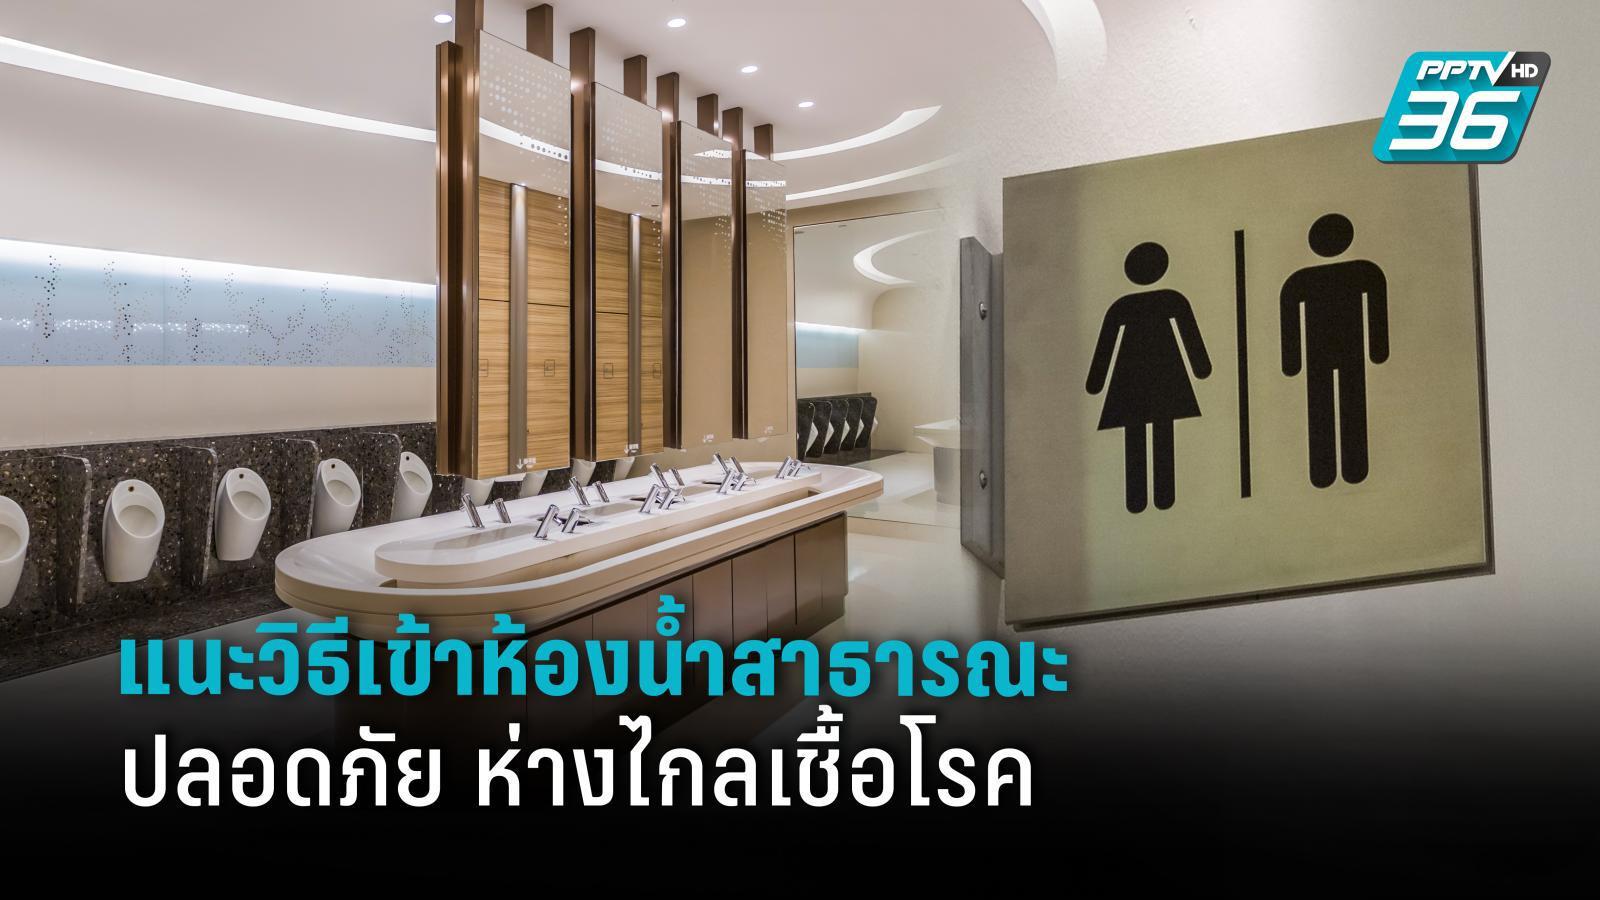 เข้าใช้ห้องน้ำสาธารณะอย่างปลอดภัย ห่างไกลเชื้อโรค